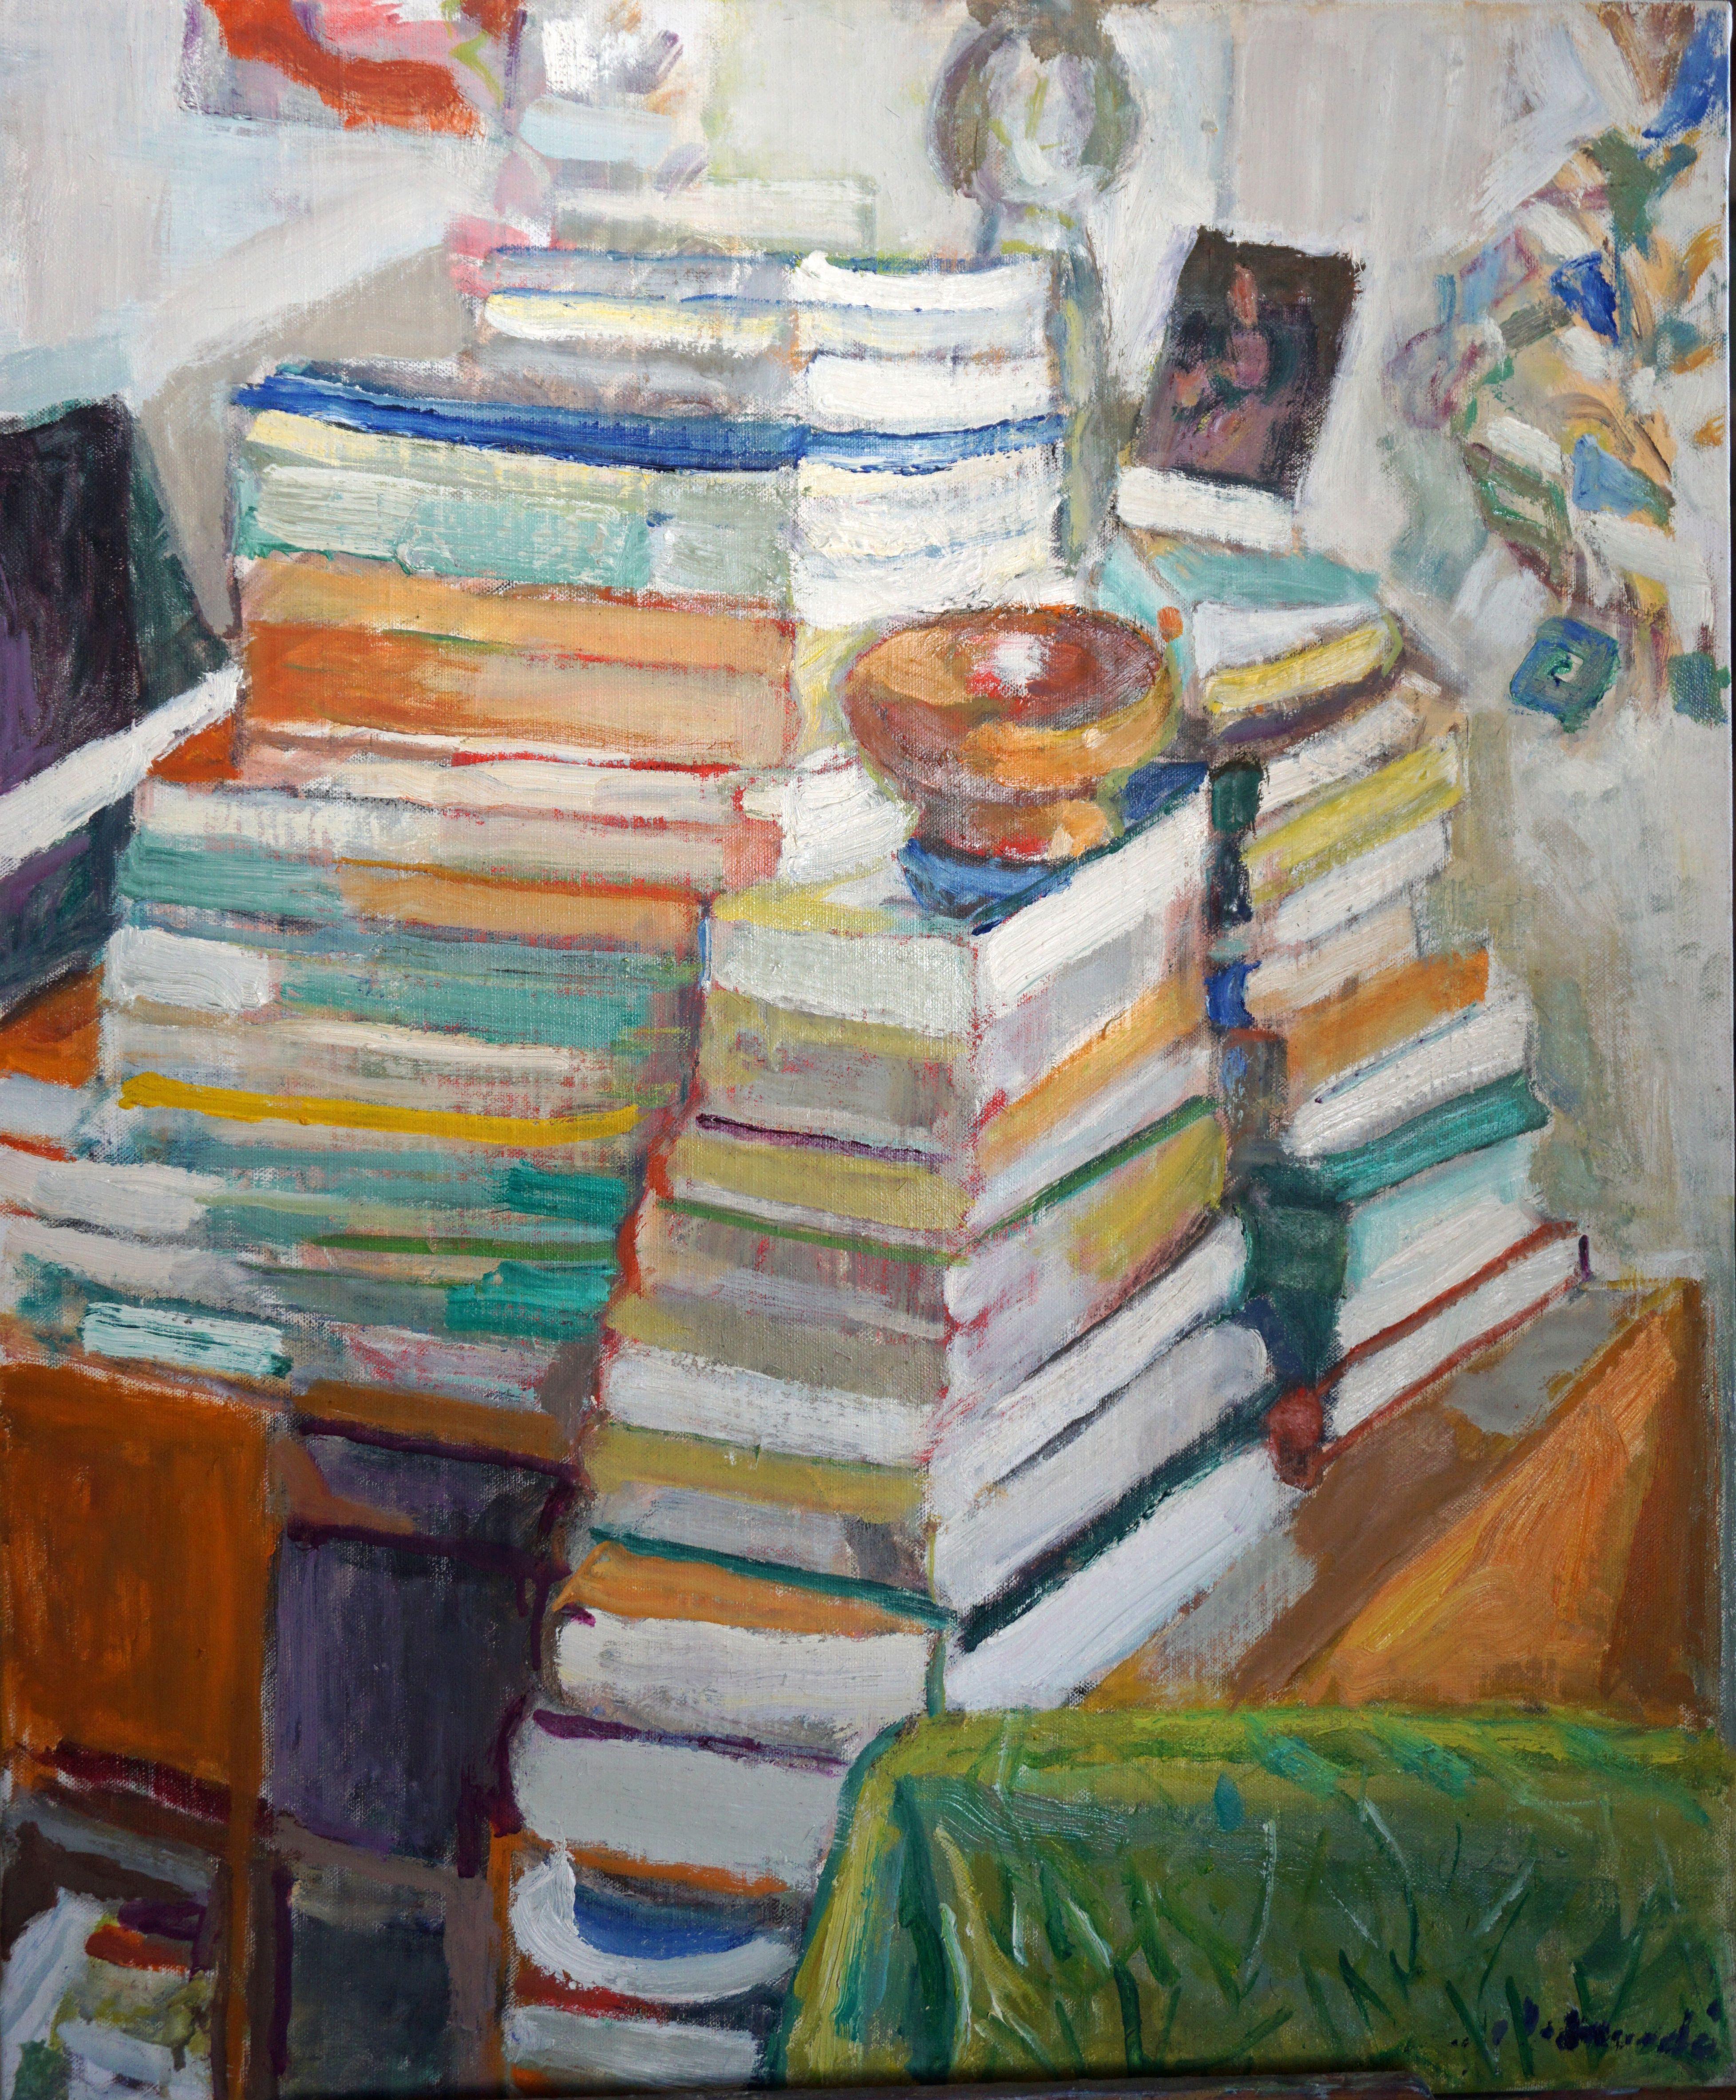 Bodegó_de_llibres